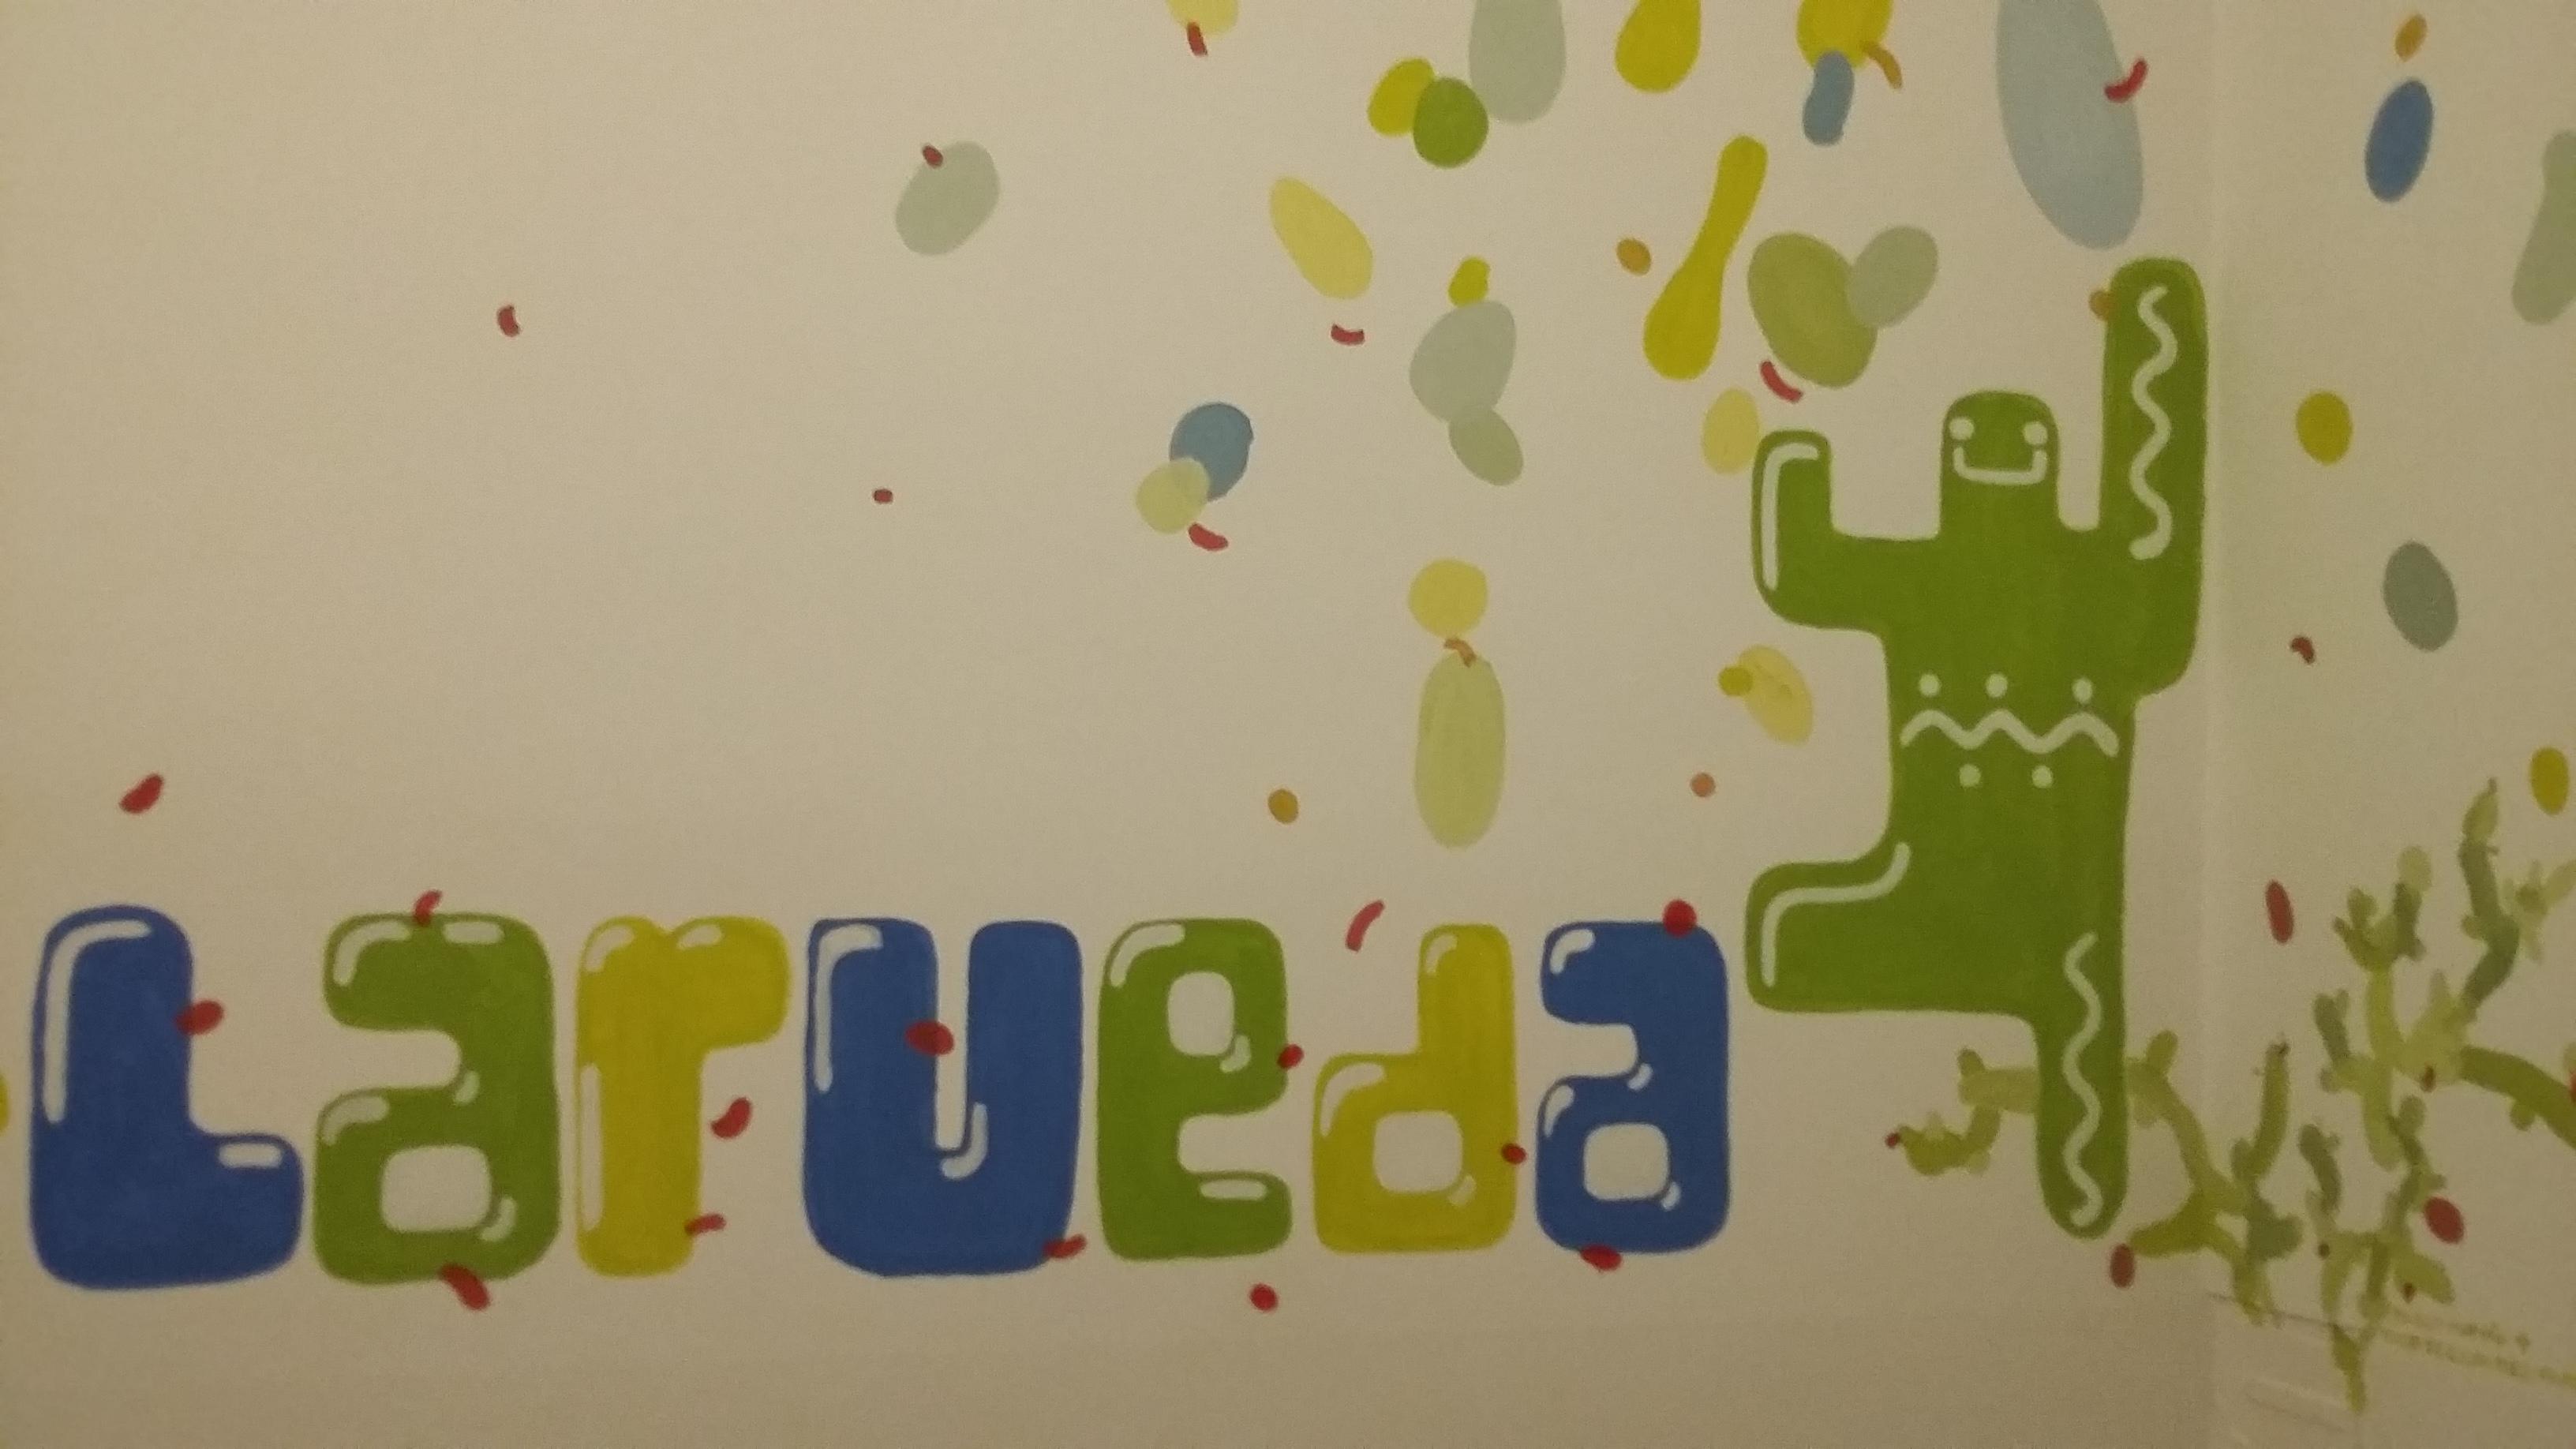 Mural La Rueda Kigru